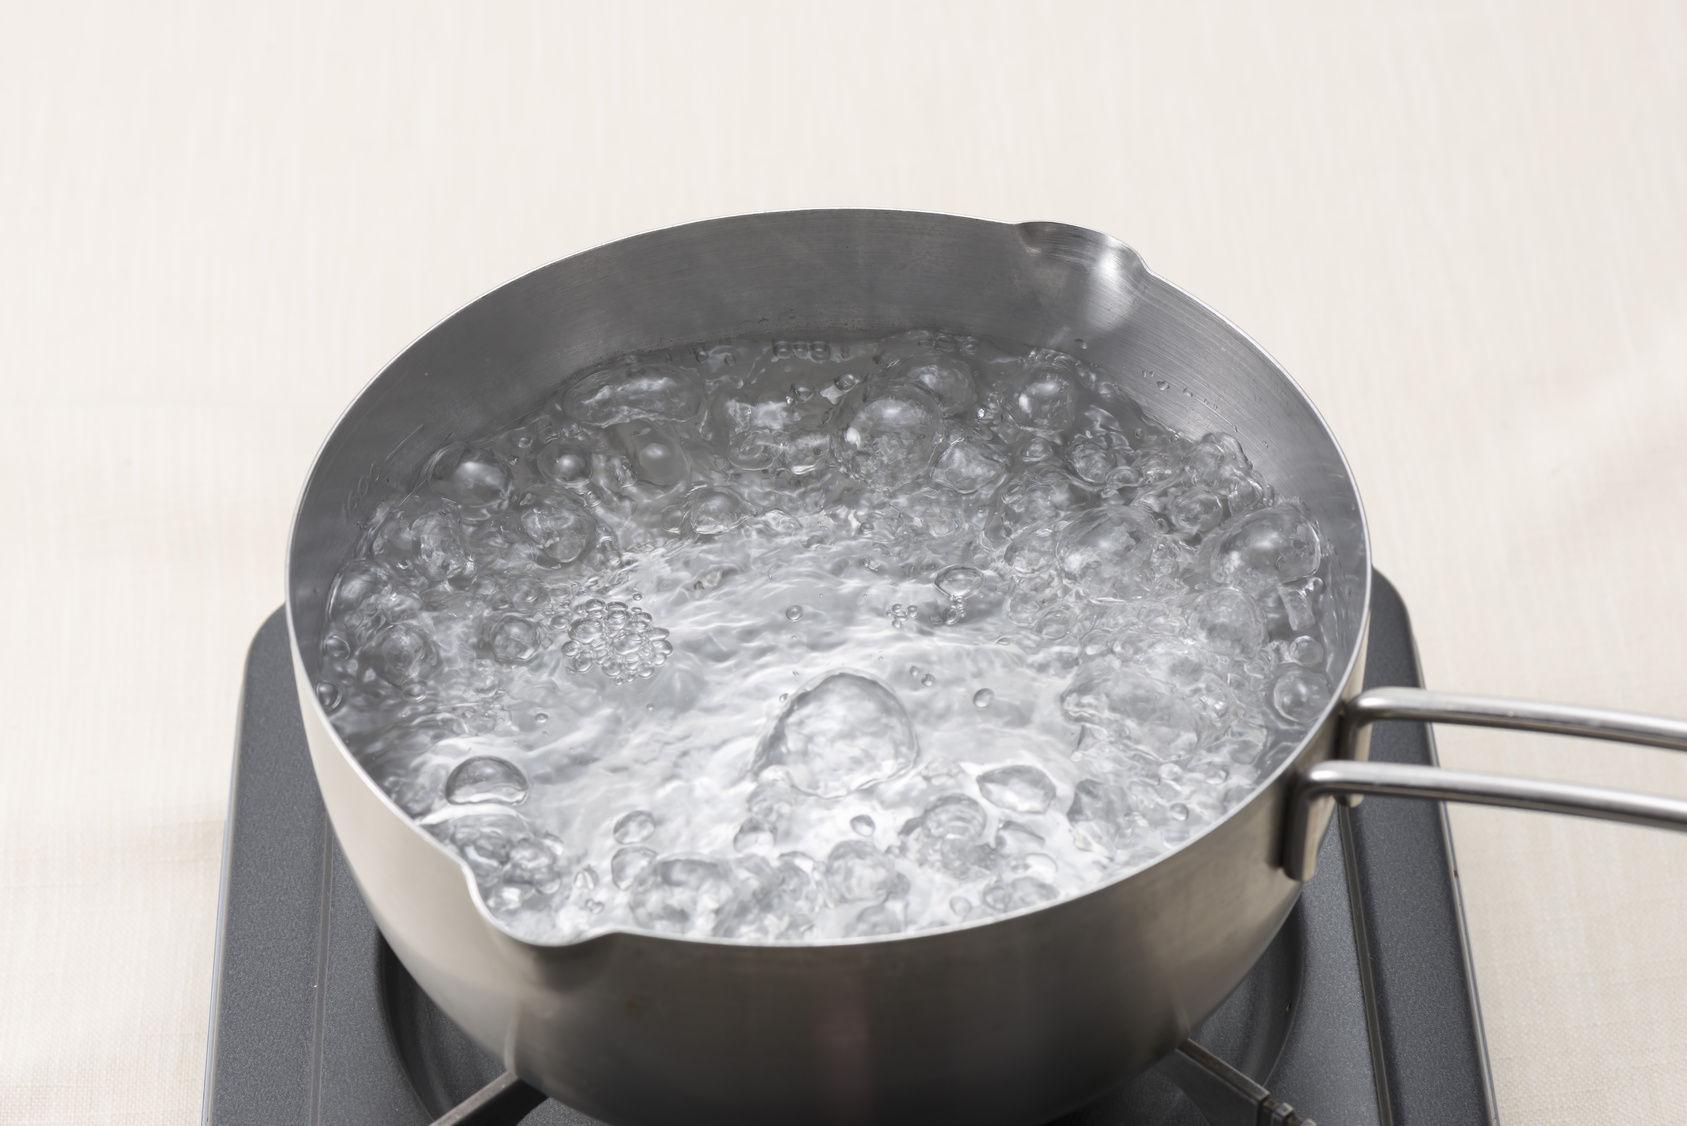 ¿A qué temperatura hierve agua?